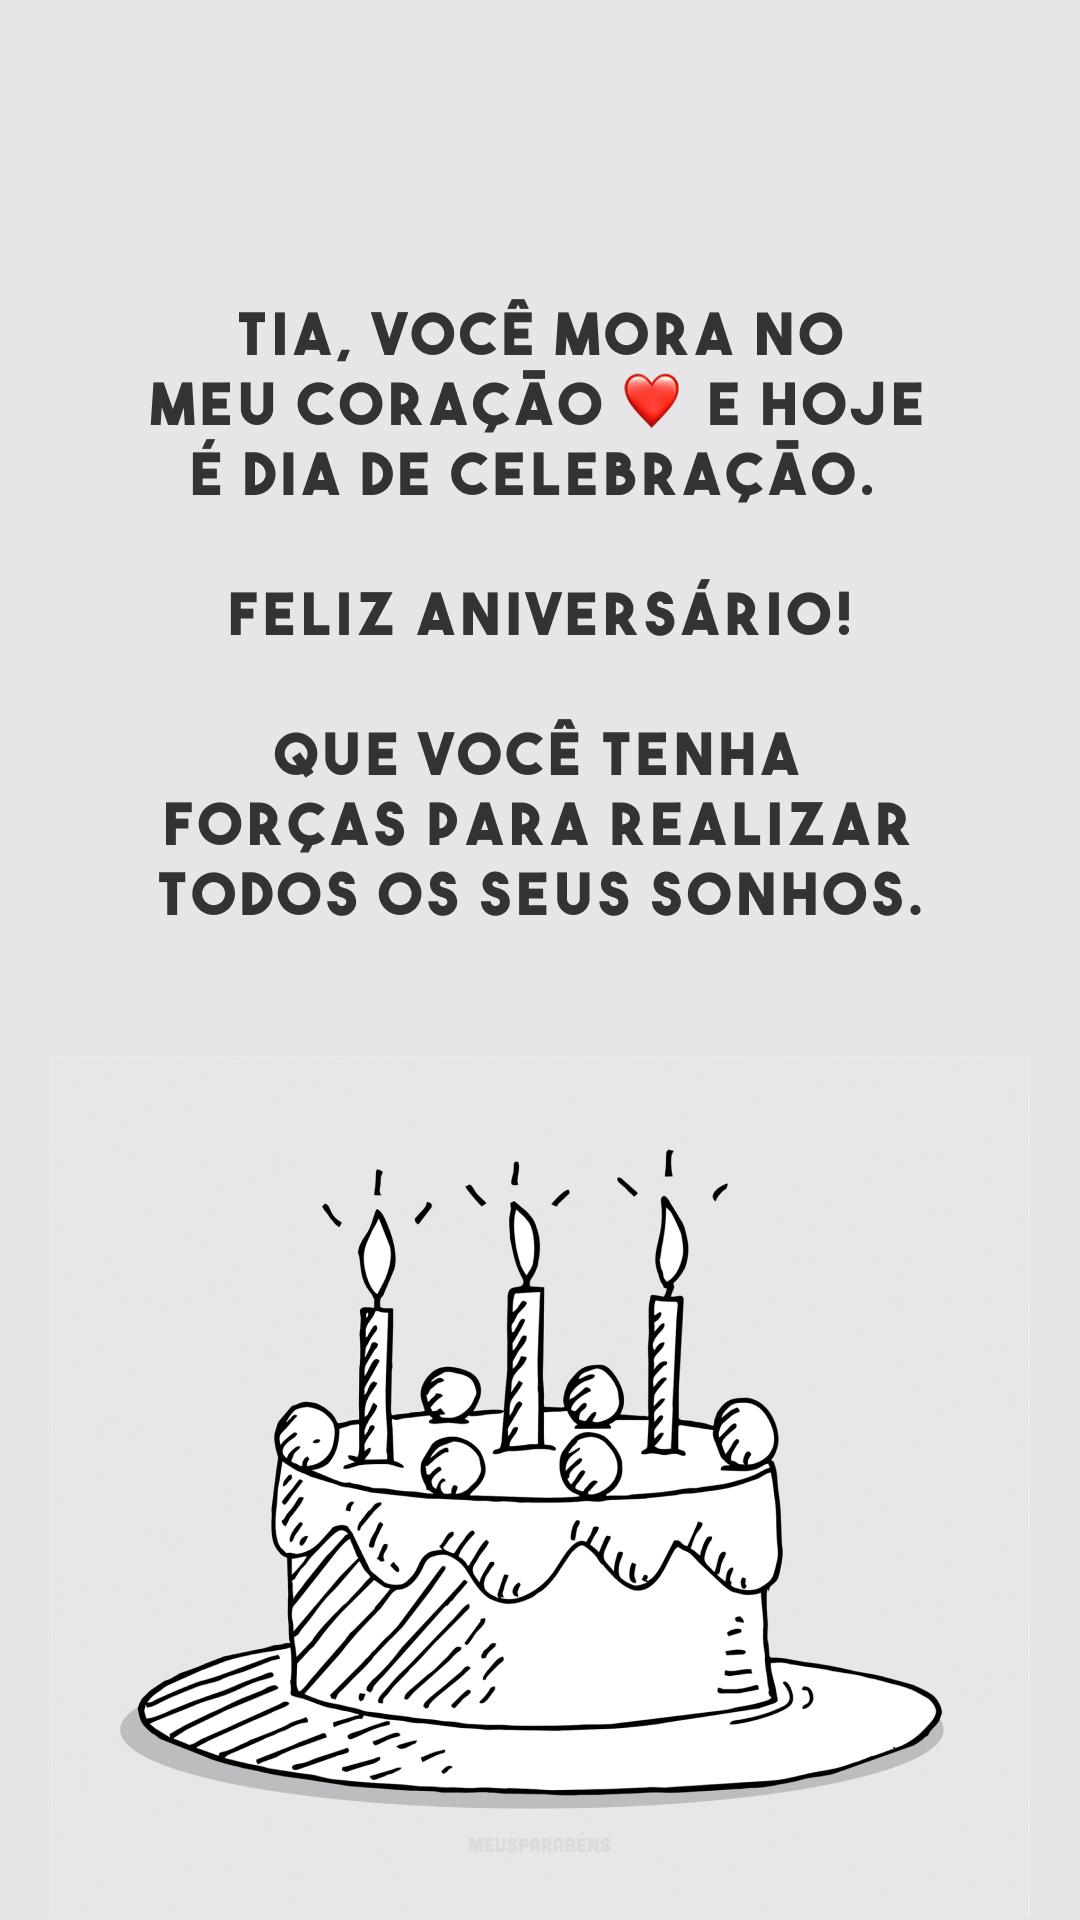 Tia, você mora no meu coração ❤️ e hoje é dia de celebração. Feliz aniversário! Que você tenha forças para realizar todos os seus sonhos.